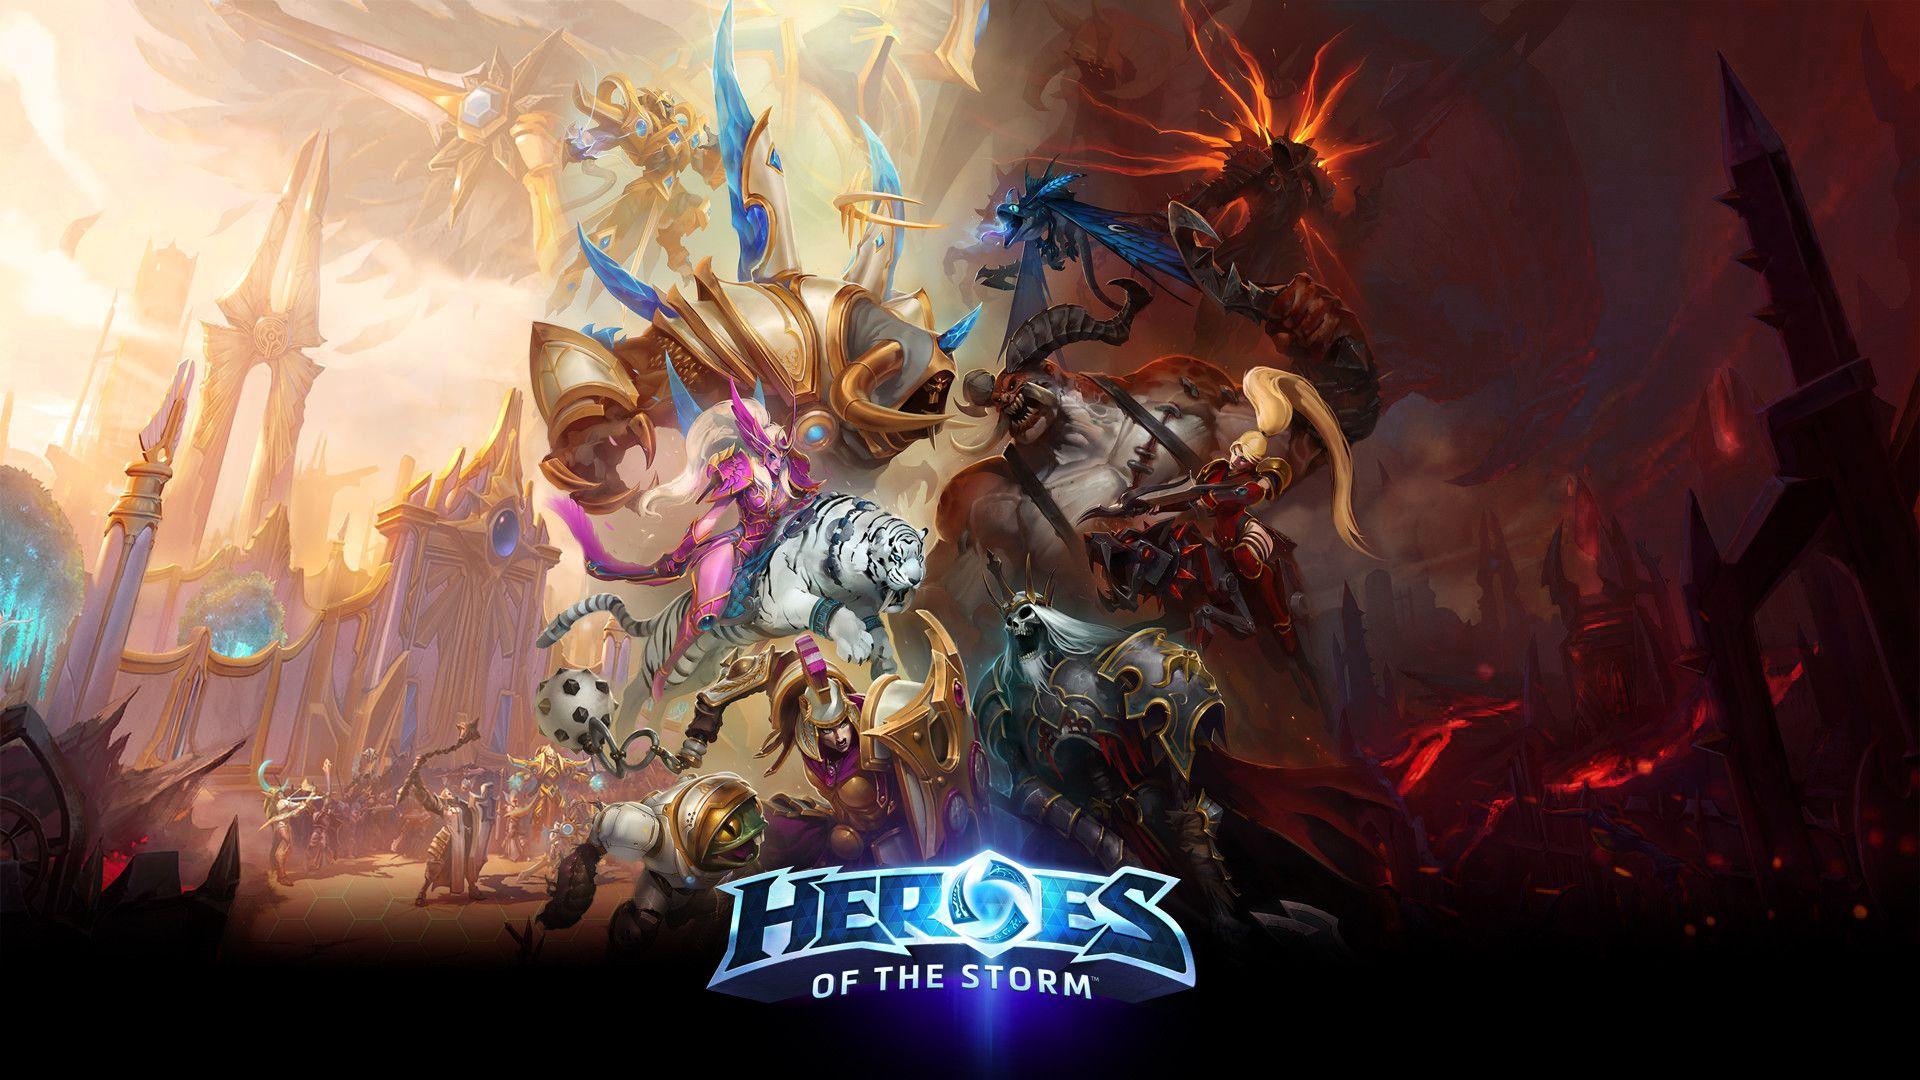 Heroes-of-the-Storm-wallpaper.jpg - -